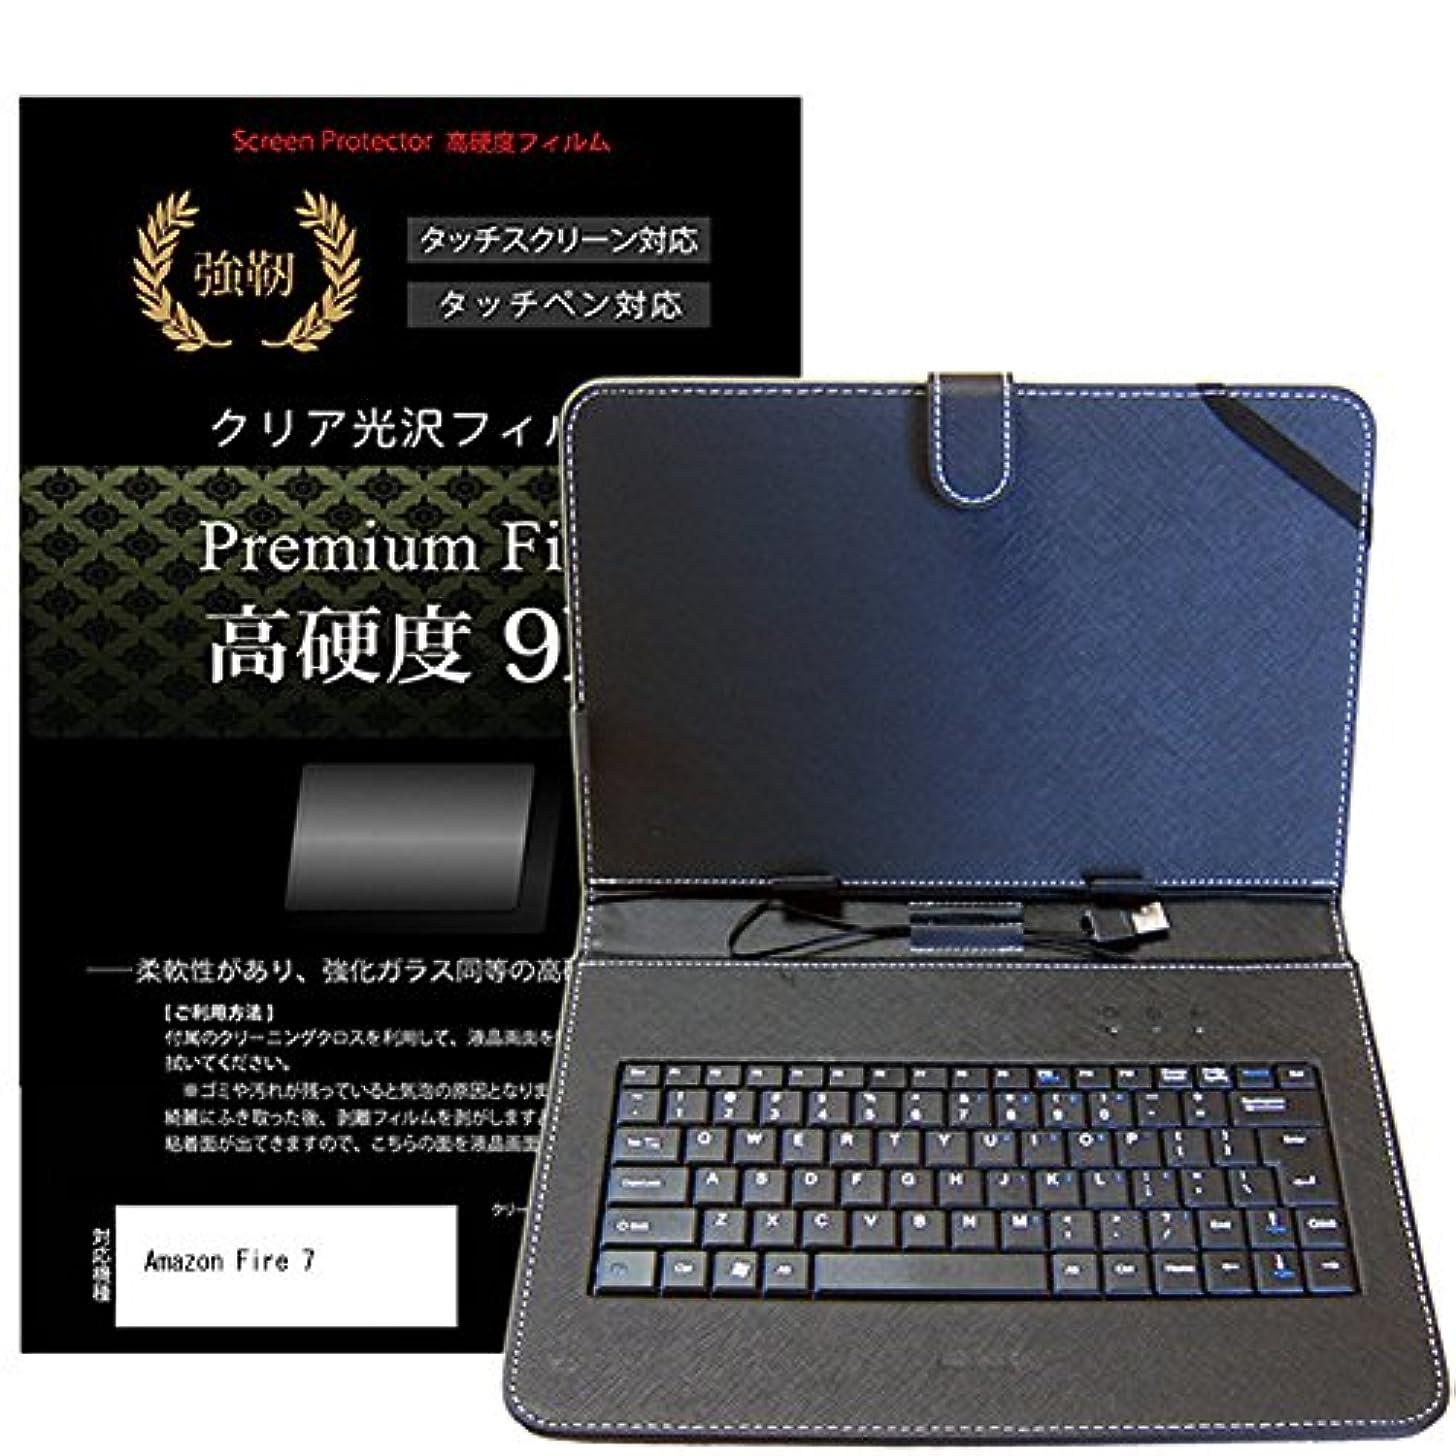 放射能エントリ会話メディアカバーマーケット Amazon Fire 7 [7インチ(1024x600)]機種で使える【microUSBキーボード付き タブレットケース と 強化ガラス同等 高硬度9H 液晶保護フィルム のセット】